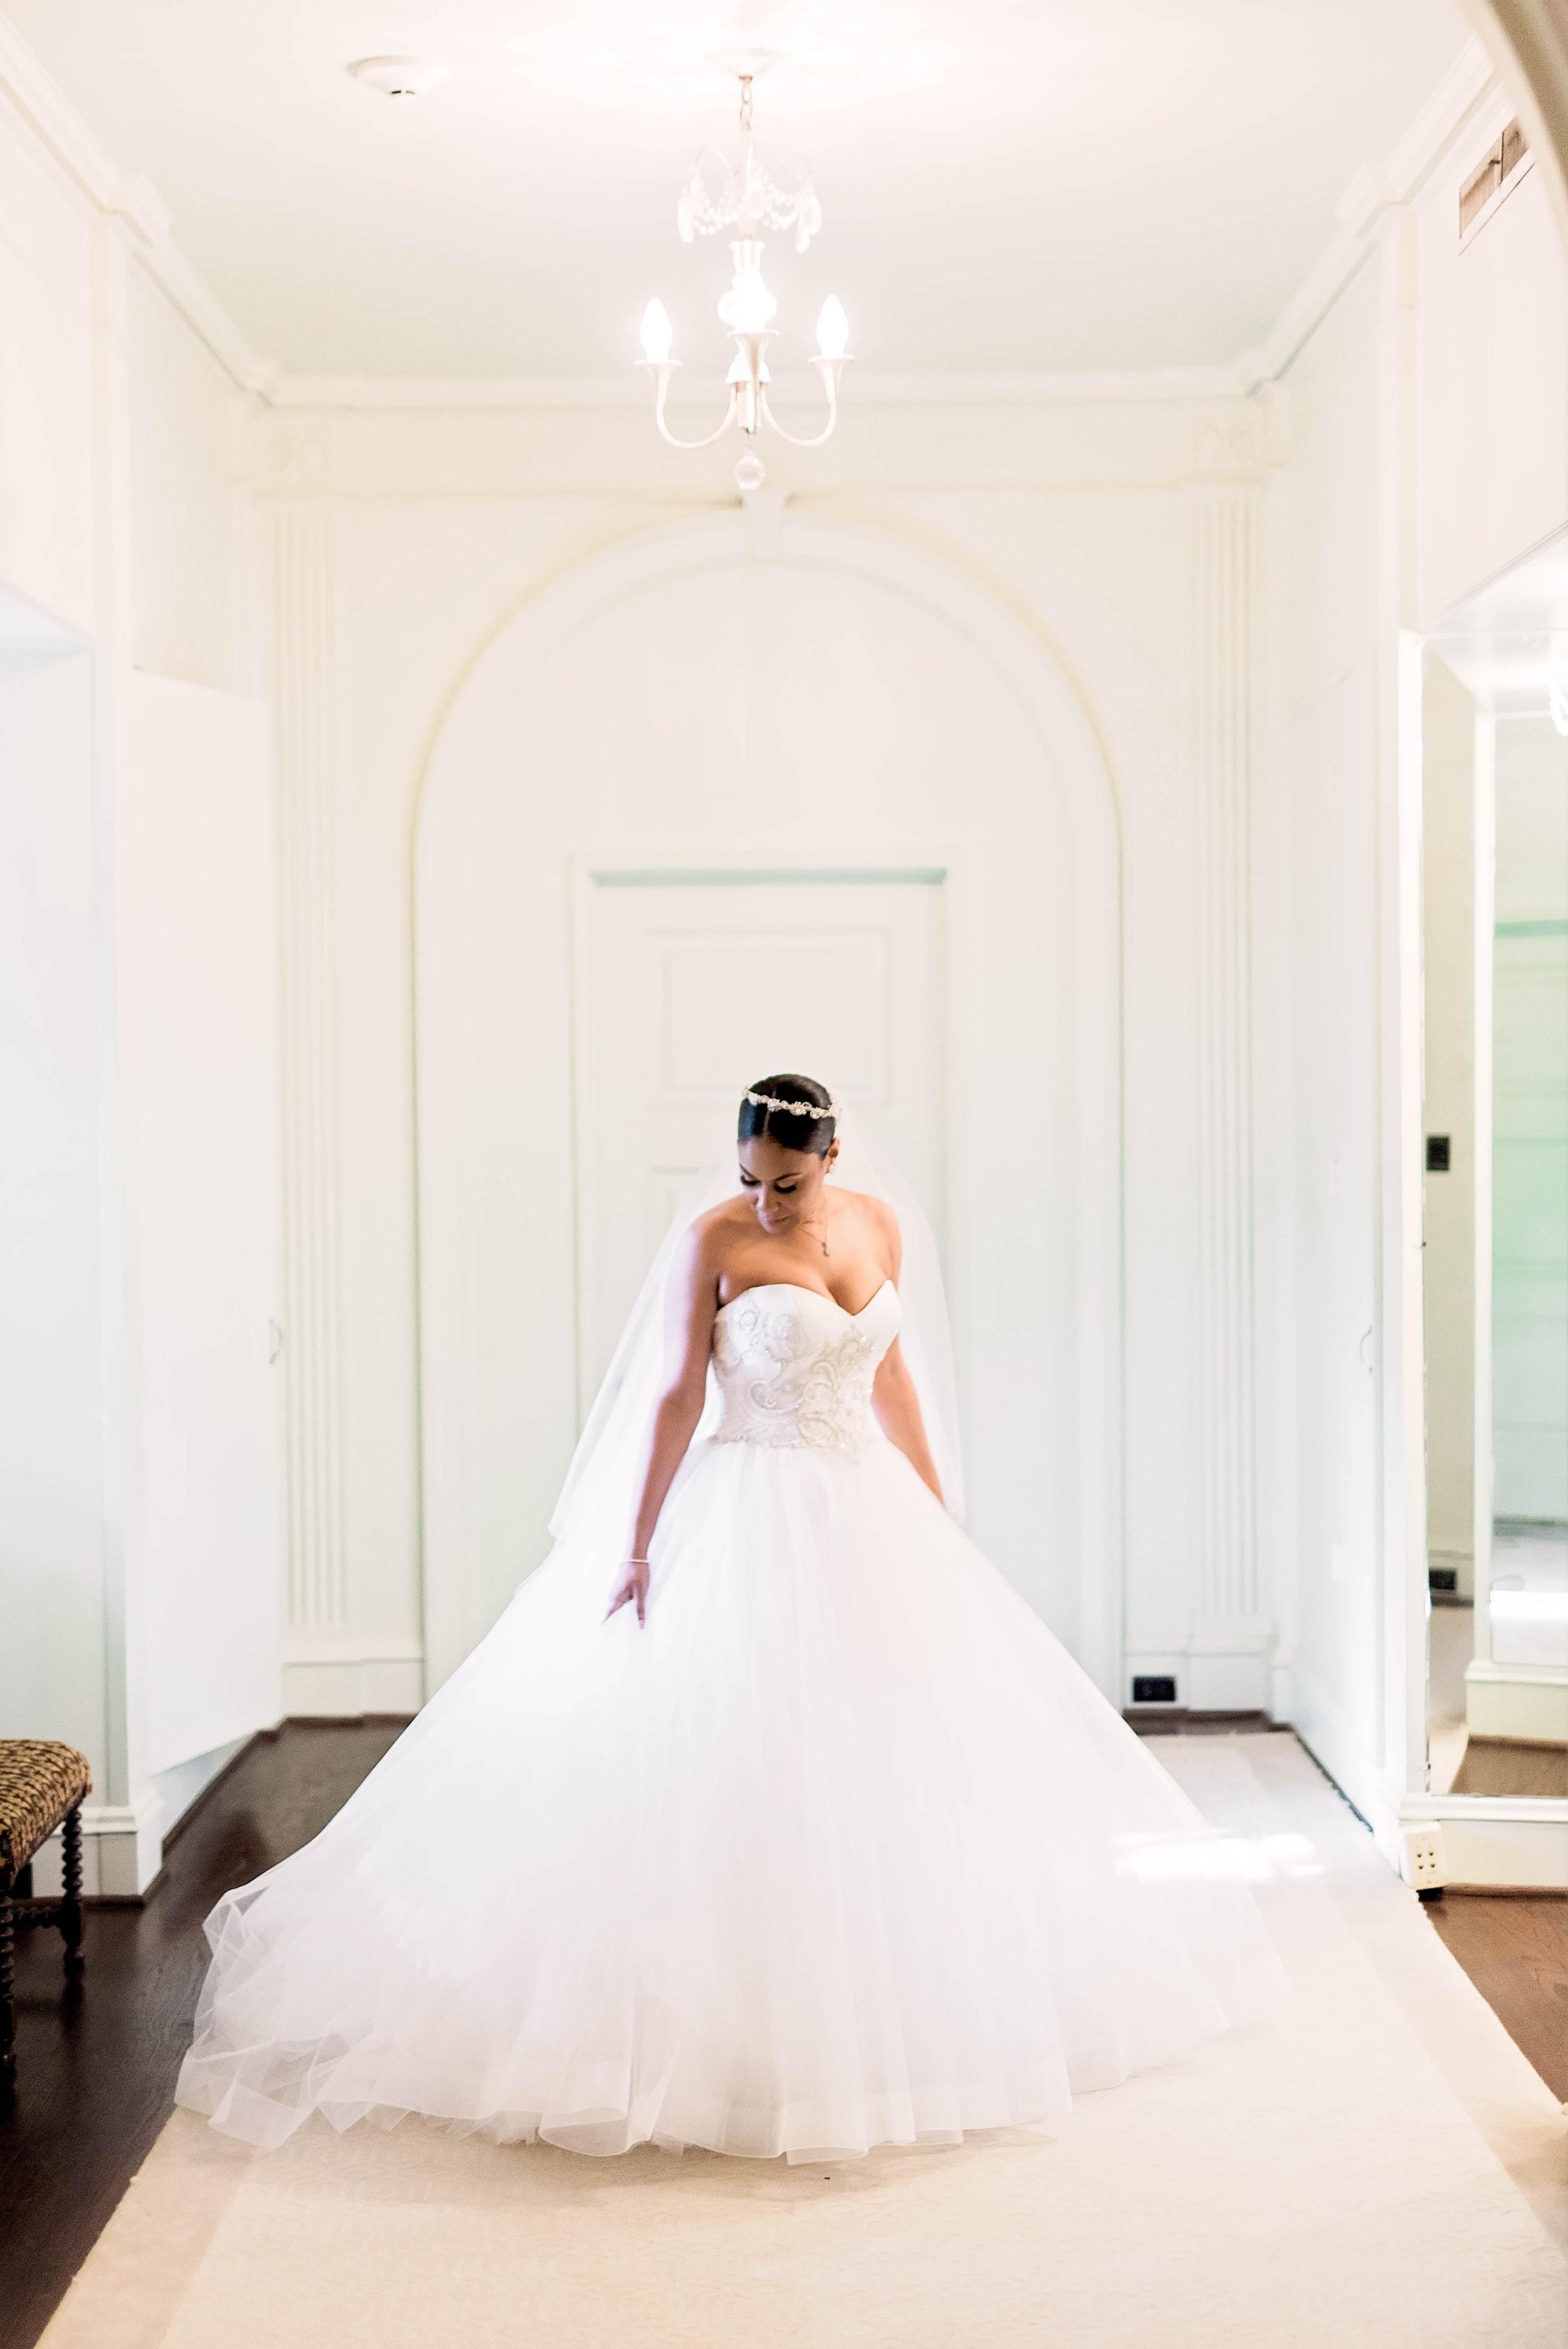 ballgown wedding dress with sweetheart neckline